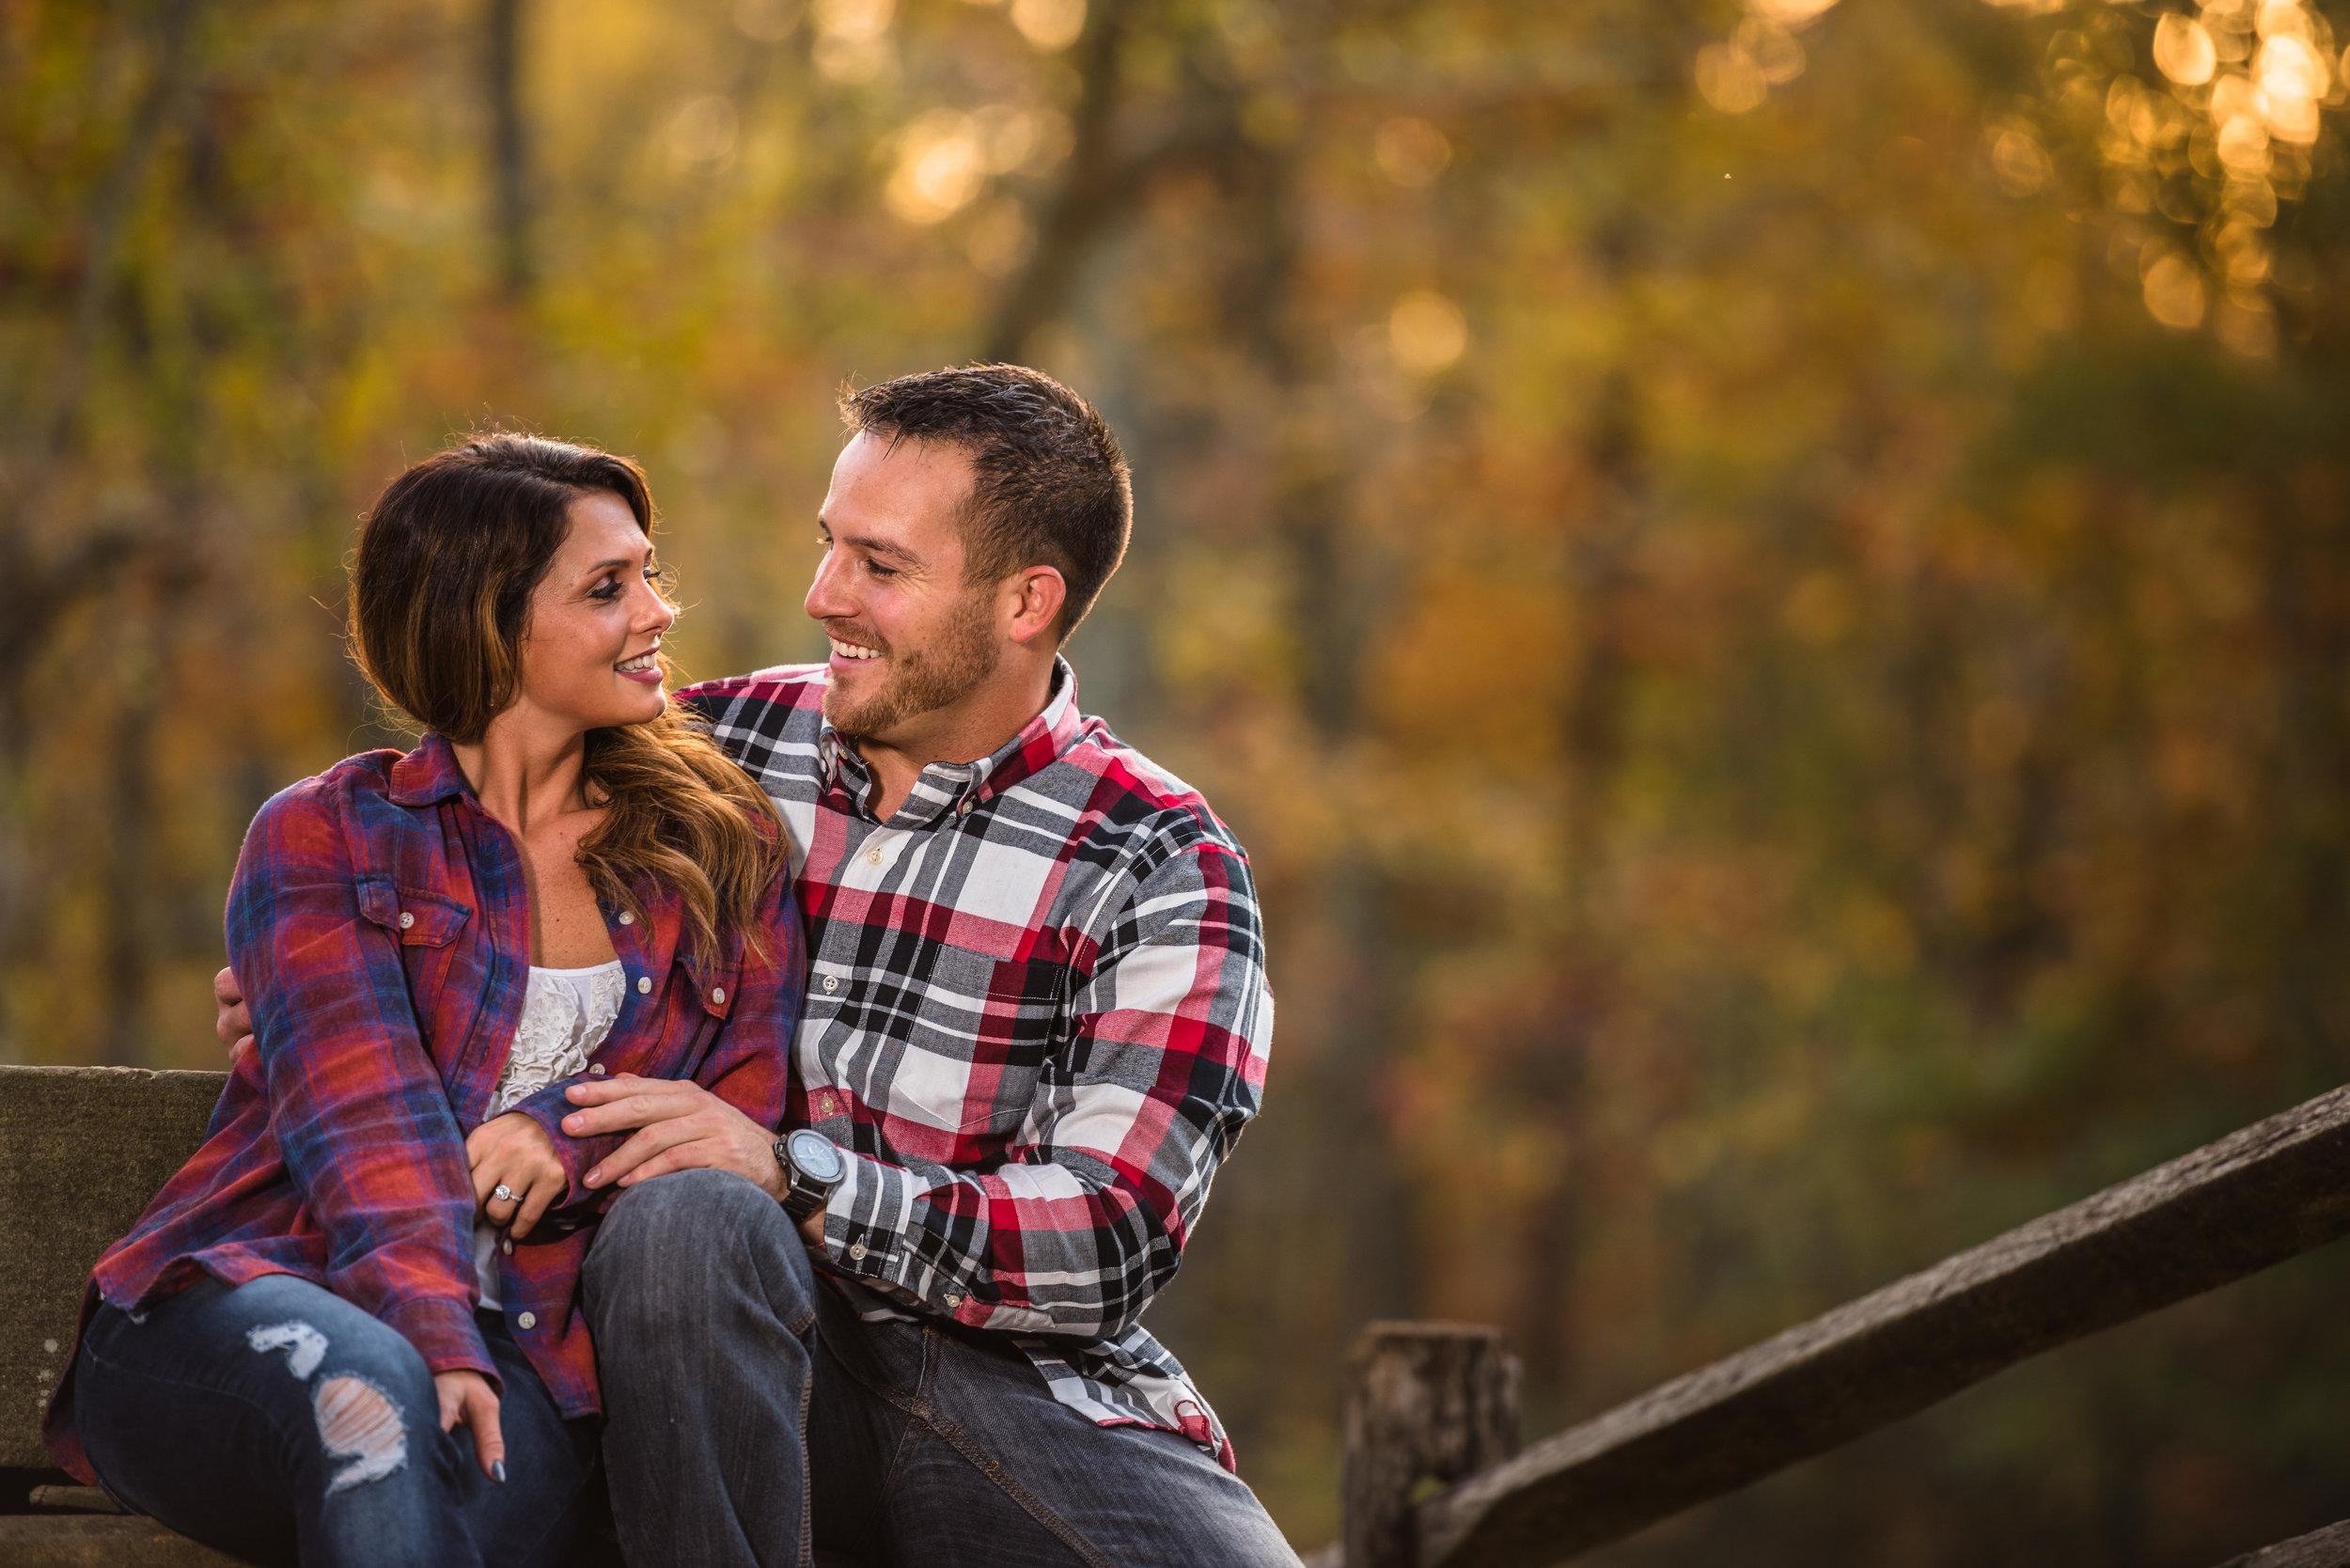 Allaire State Park NJ Engagement Session Chris & Deanna 6